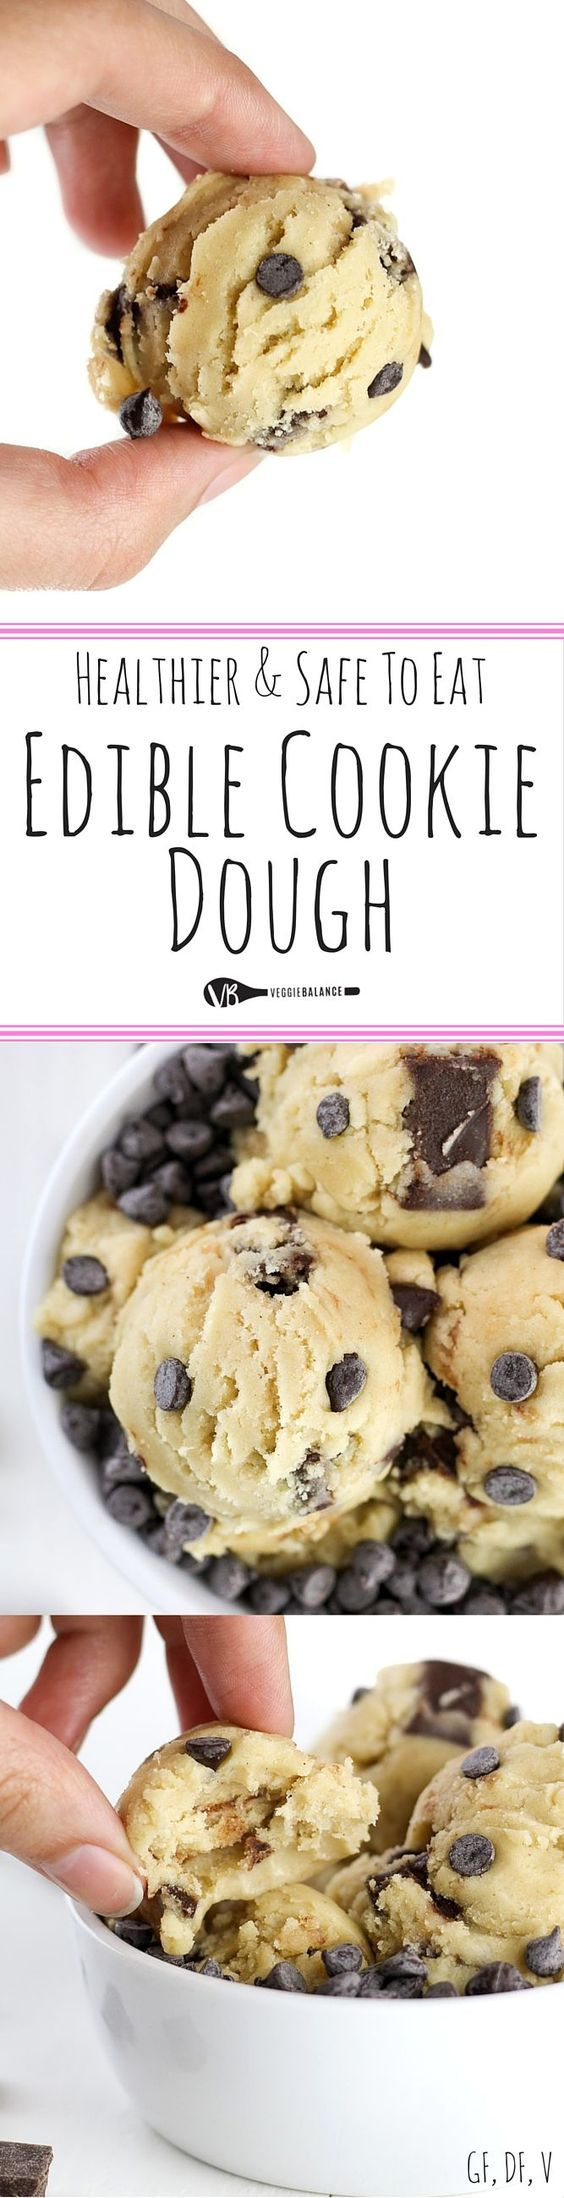 edible cookie dough  recipe  dough recipe pregnancy